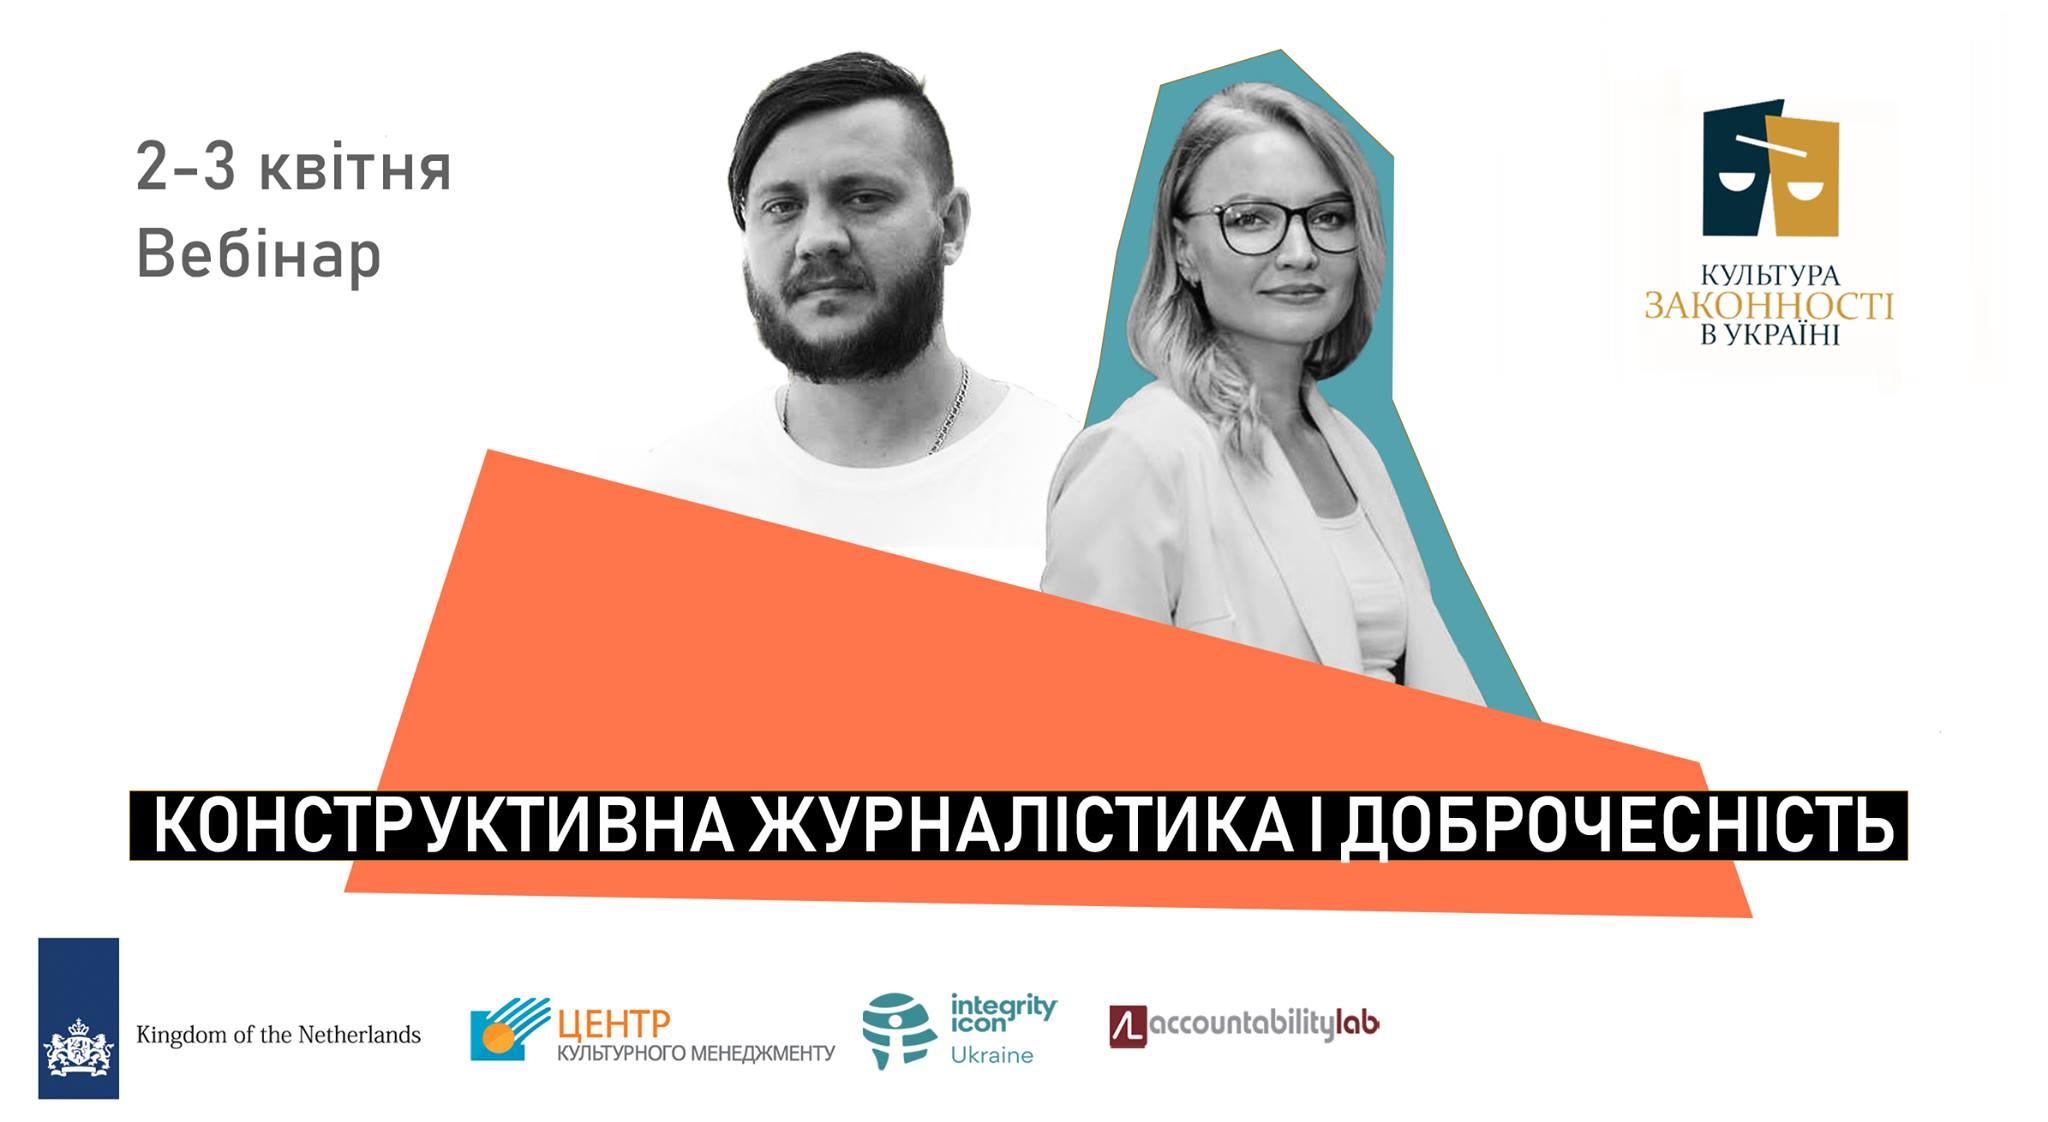 2-3 квітня - вебінар про конструктивну журналістику й «вірус» доброчесності